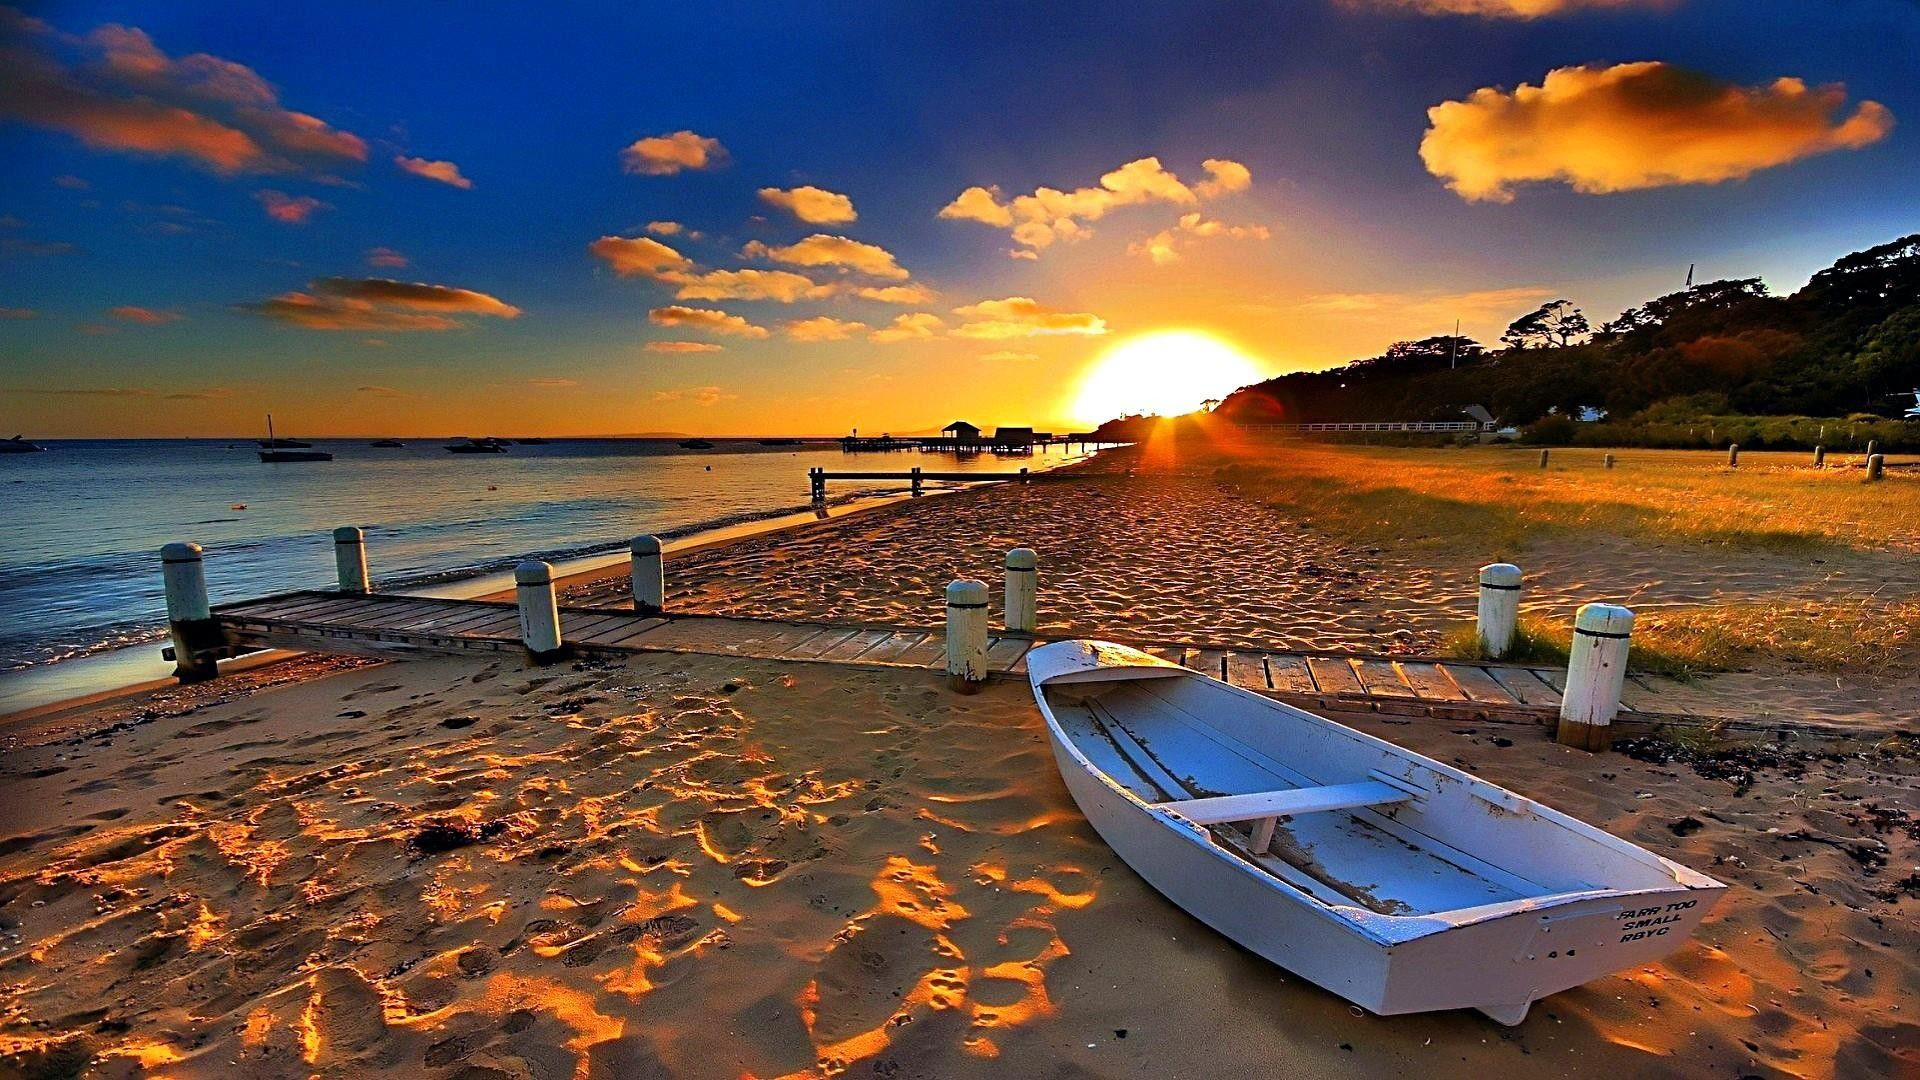 Sunset Desktop Wallpaper Best Wallpaper Hd Beach Sunset Wallpaper Sunset Wallpaper Beach Wallpaper